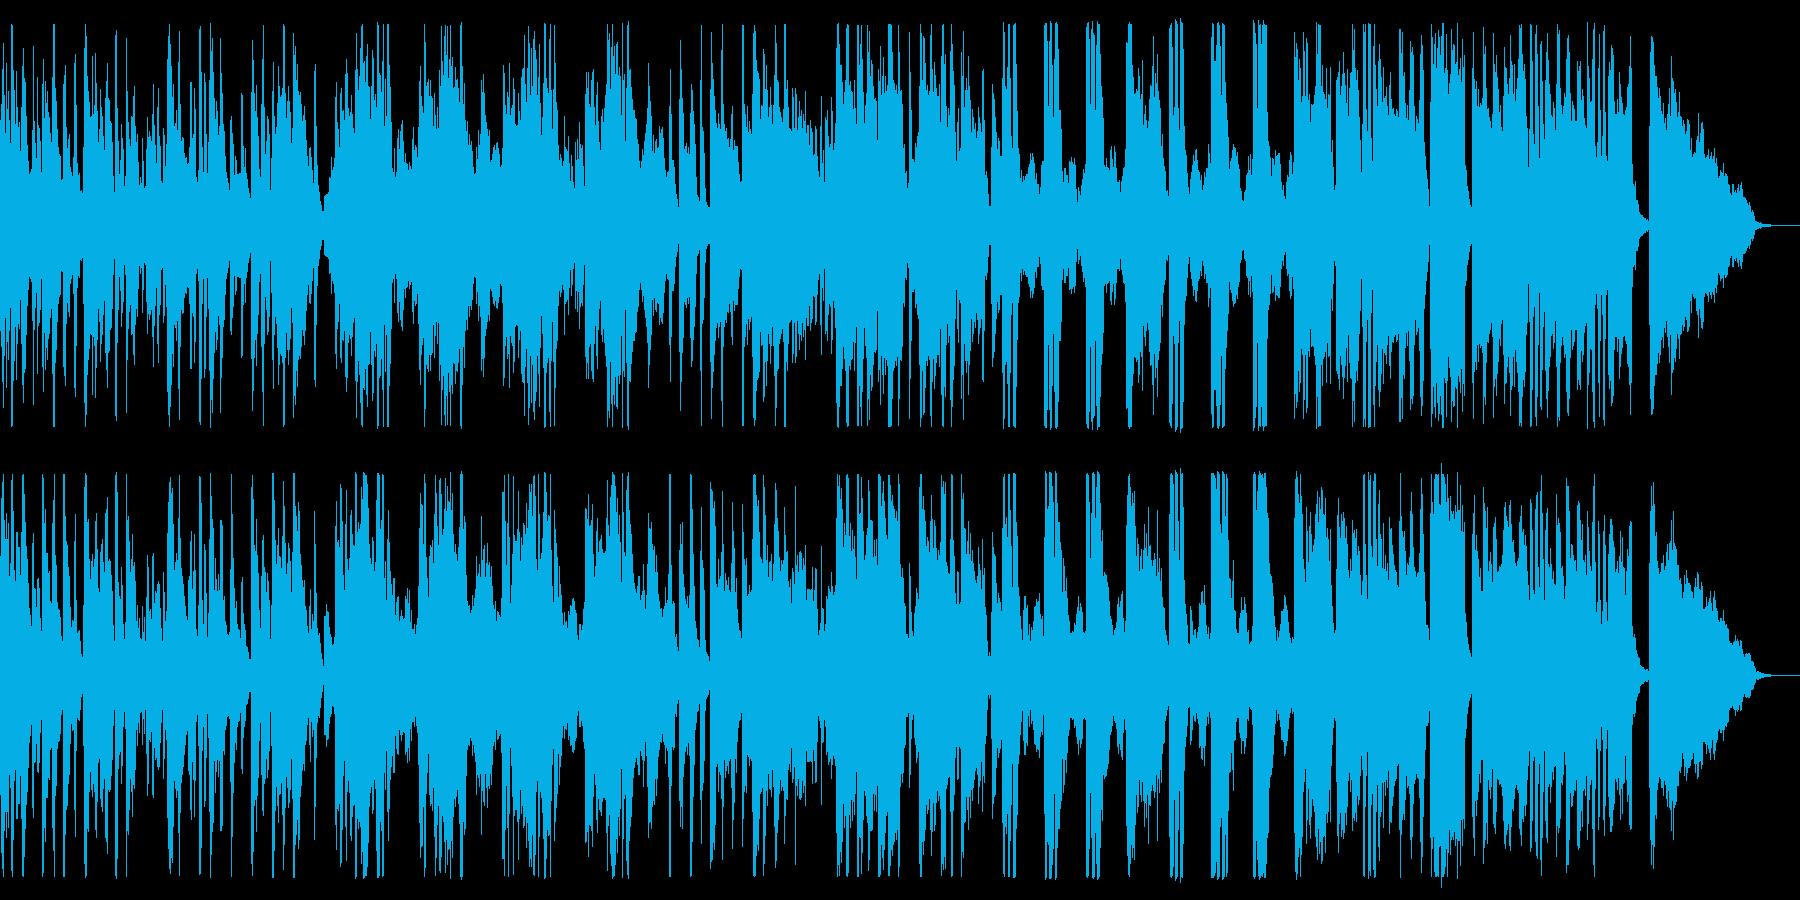 悲しく暗いファンタジーな曲の再生済みの波形